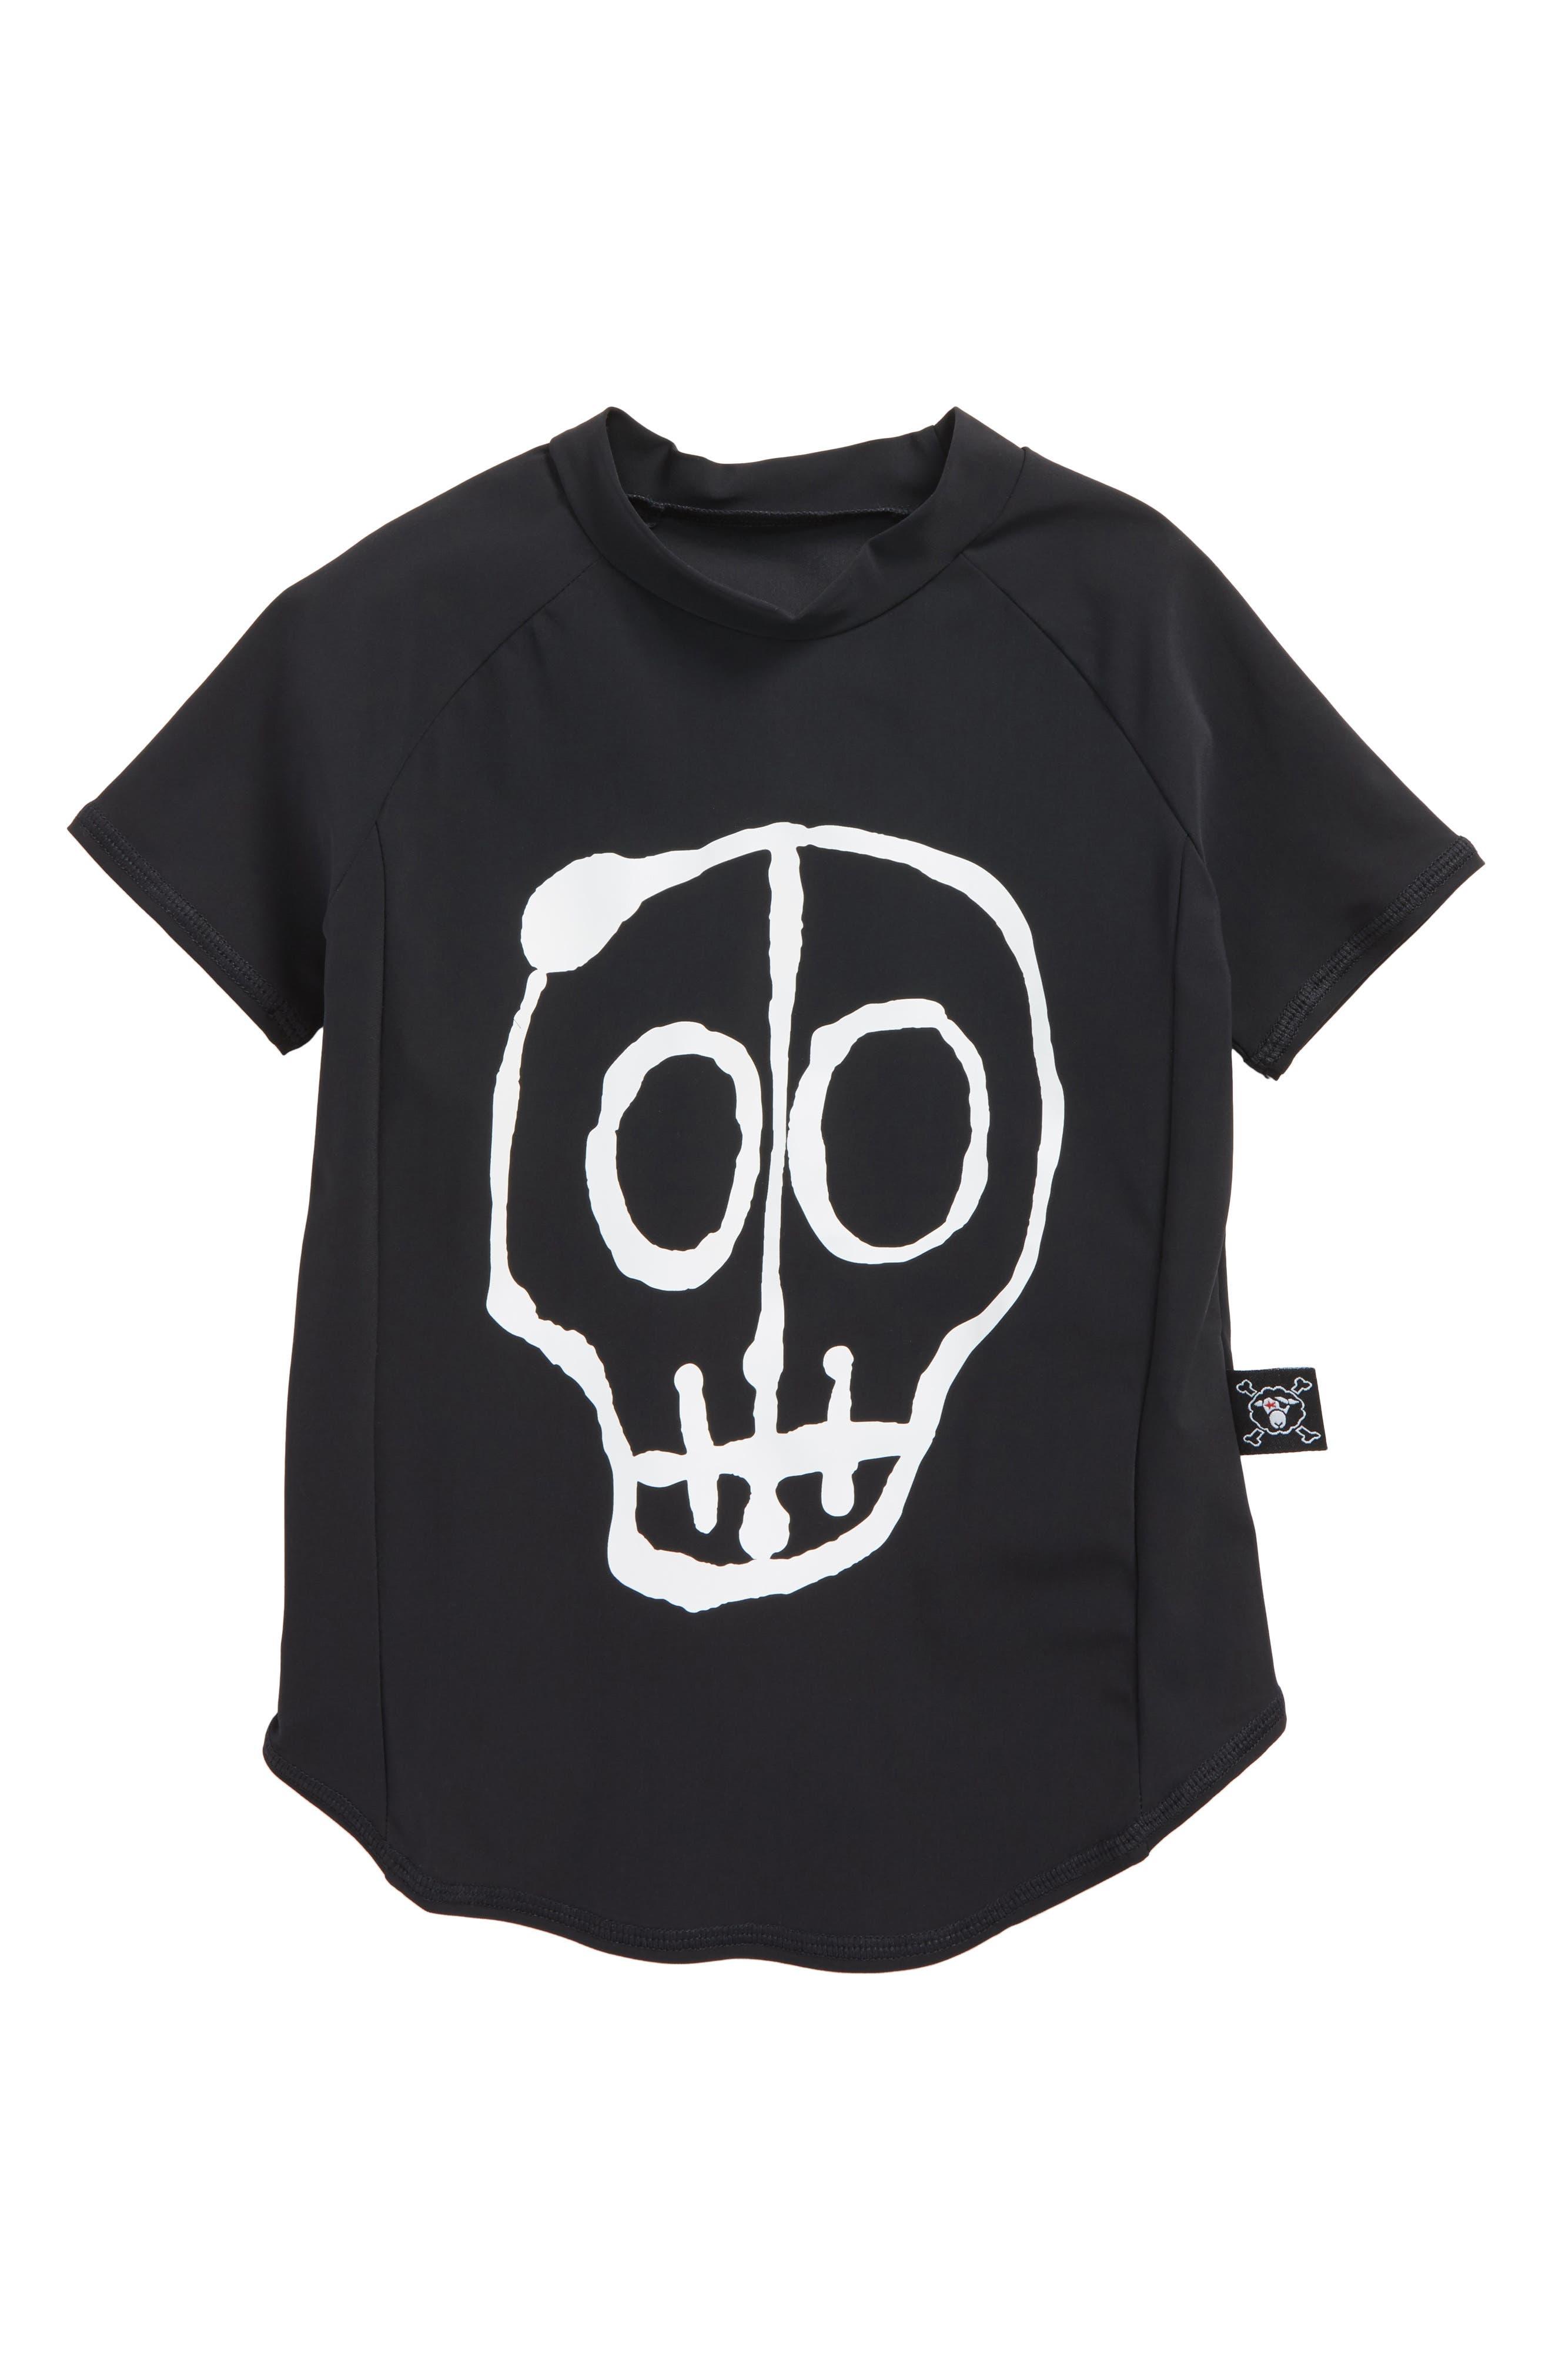 Skull Rashguard,                             Main thumbnail 1, color,                             Black